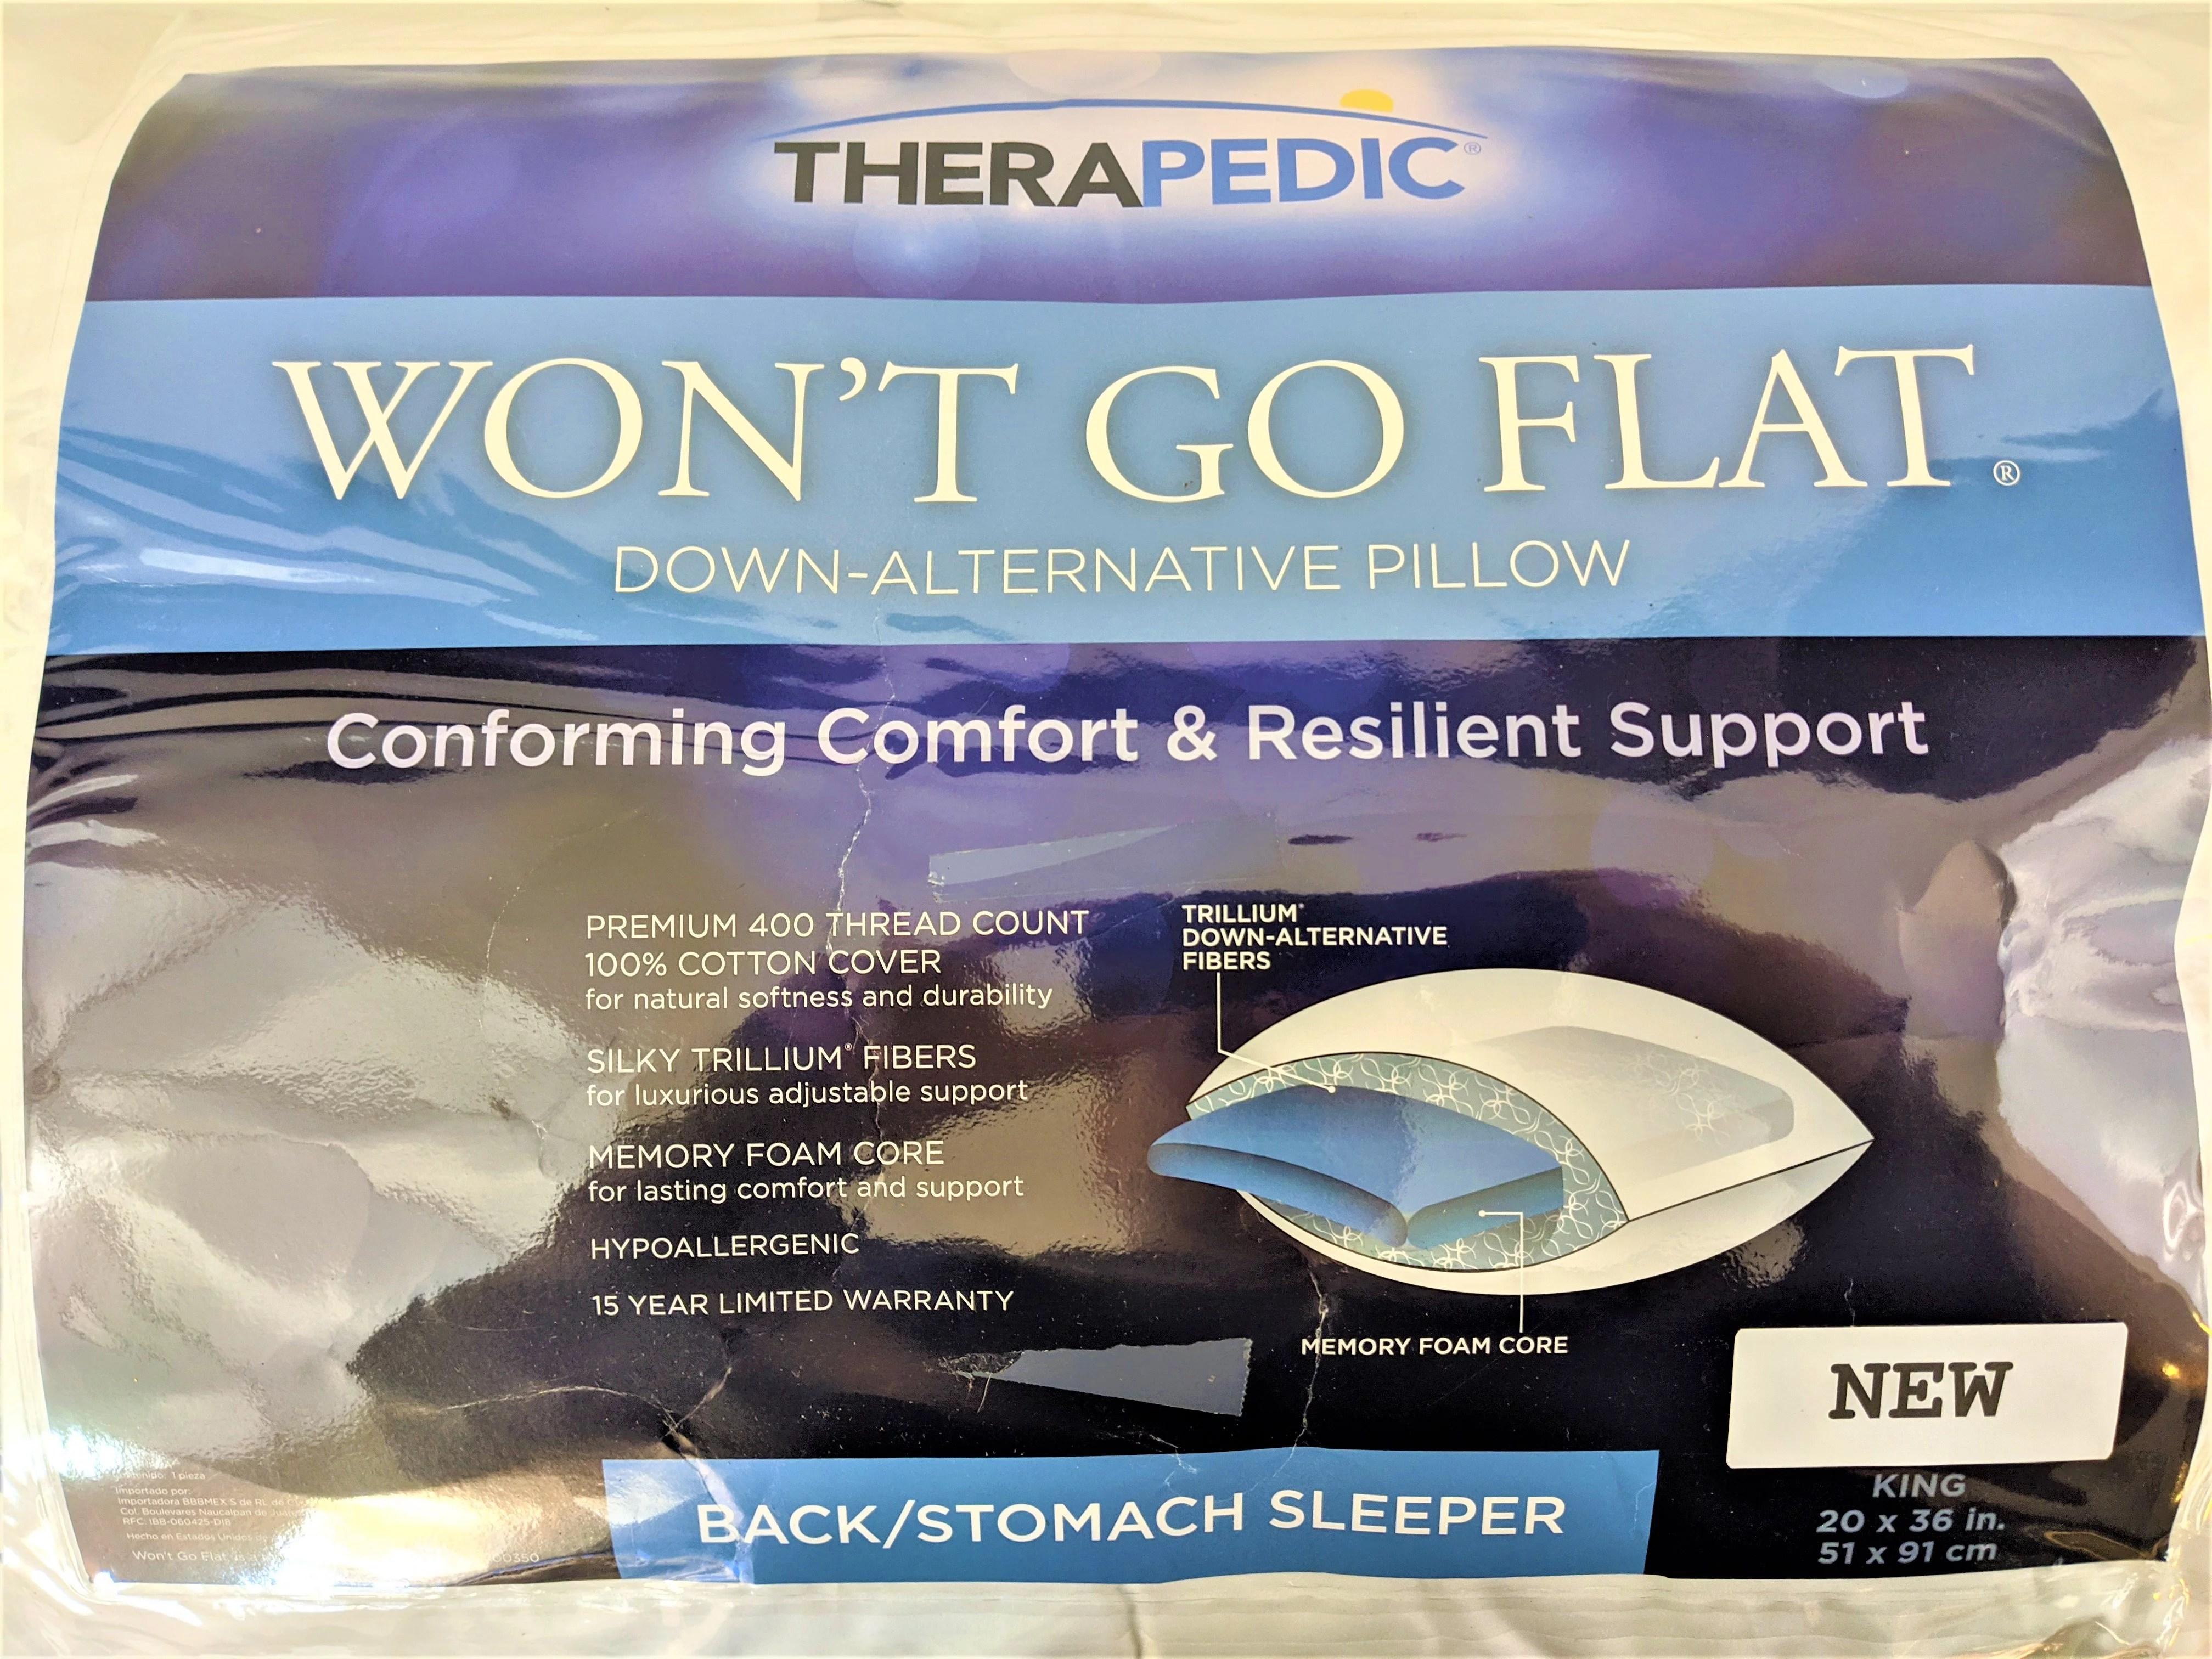 go flat pillow down alternative pillow